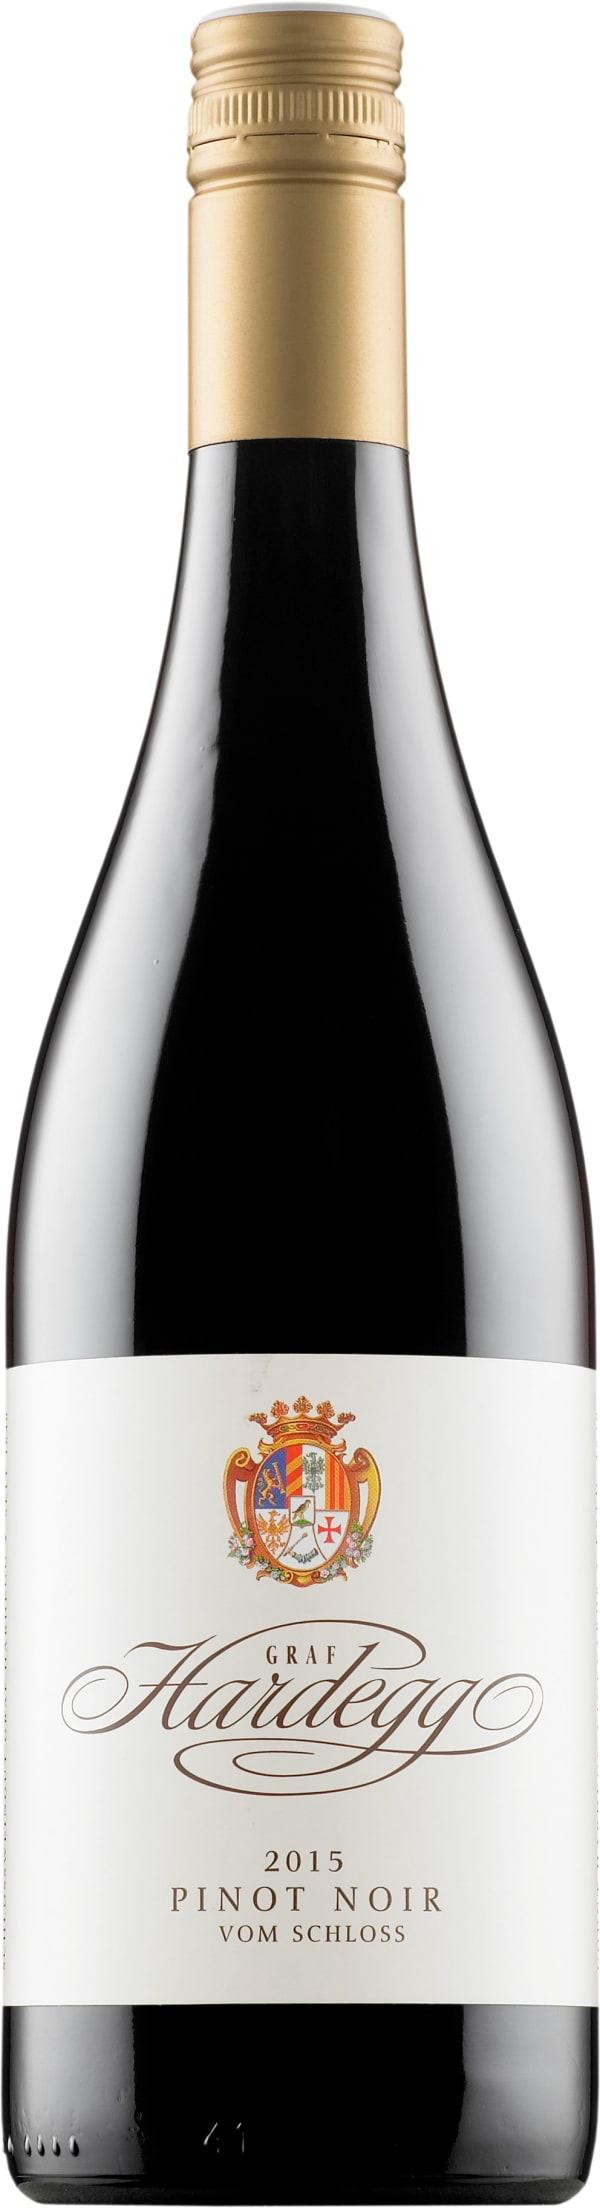 Hardegg Pinot Noir vom Schloss 2015